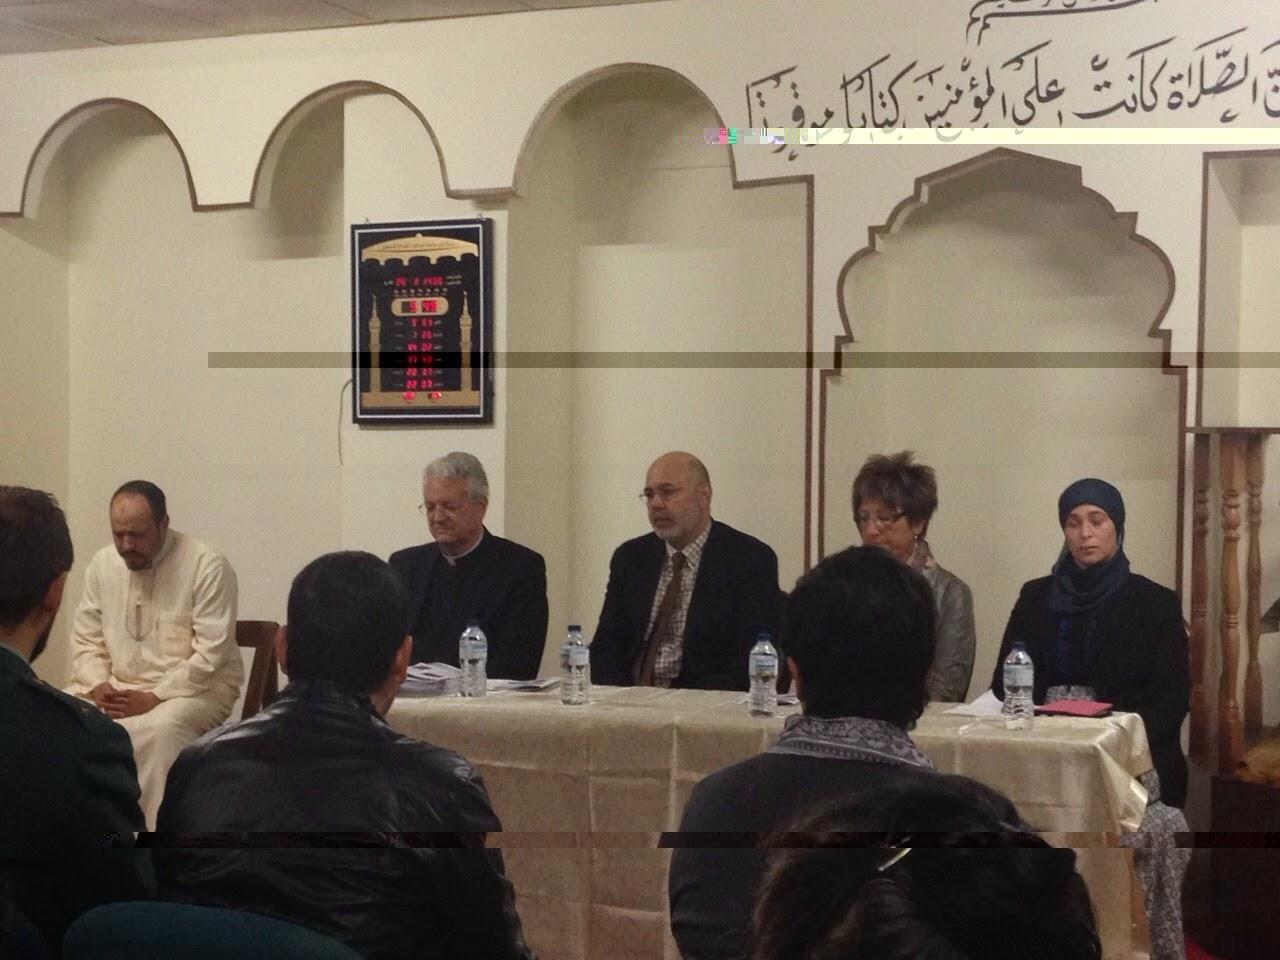 La mezquita de Benifaió organiza una charla con la participación de la Alcaldesa